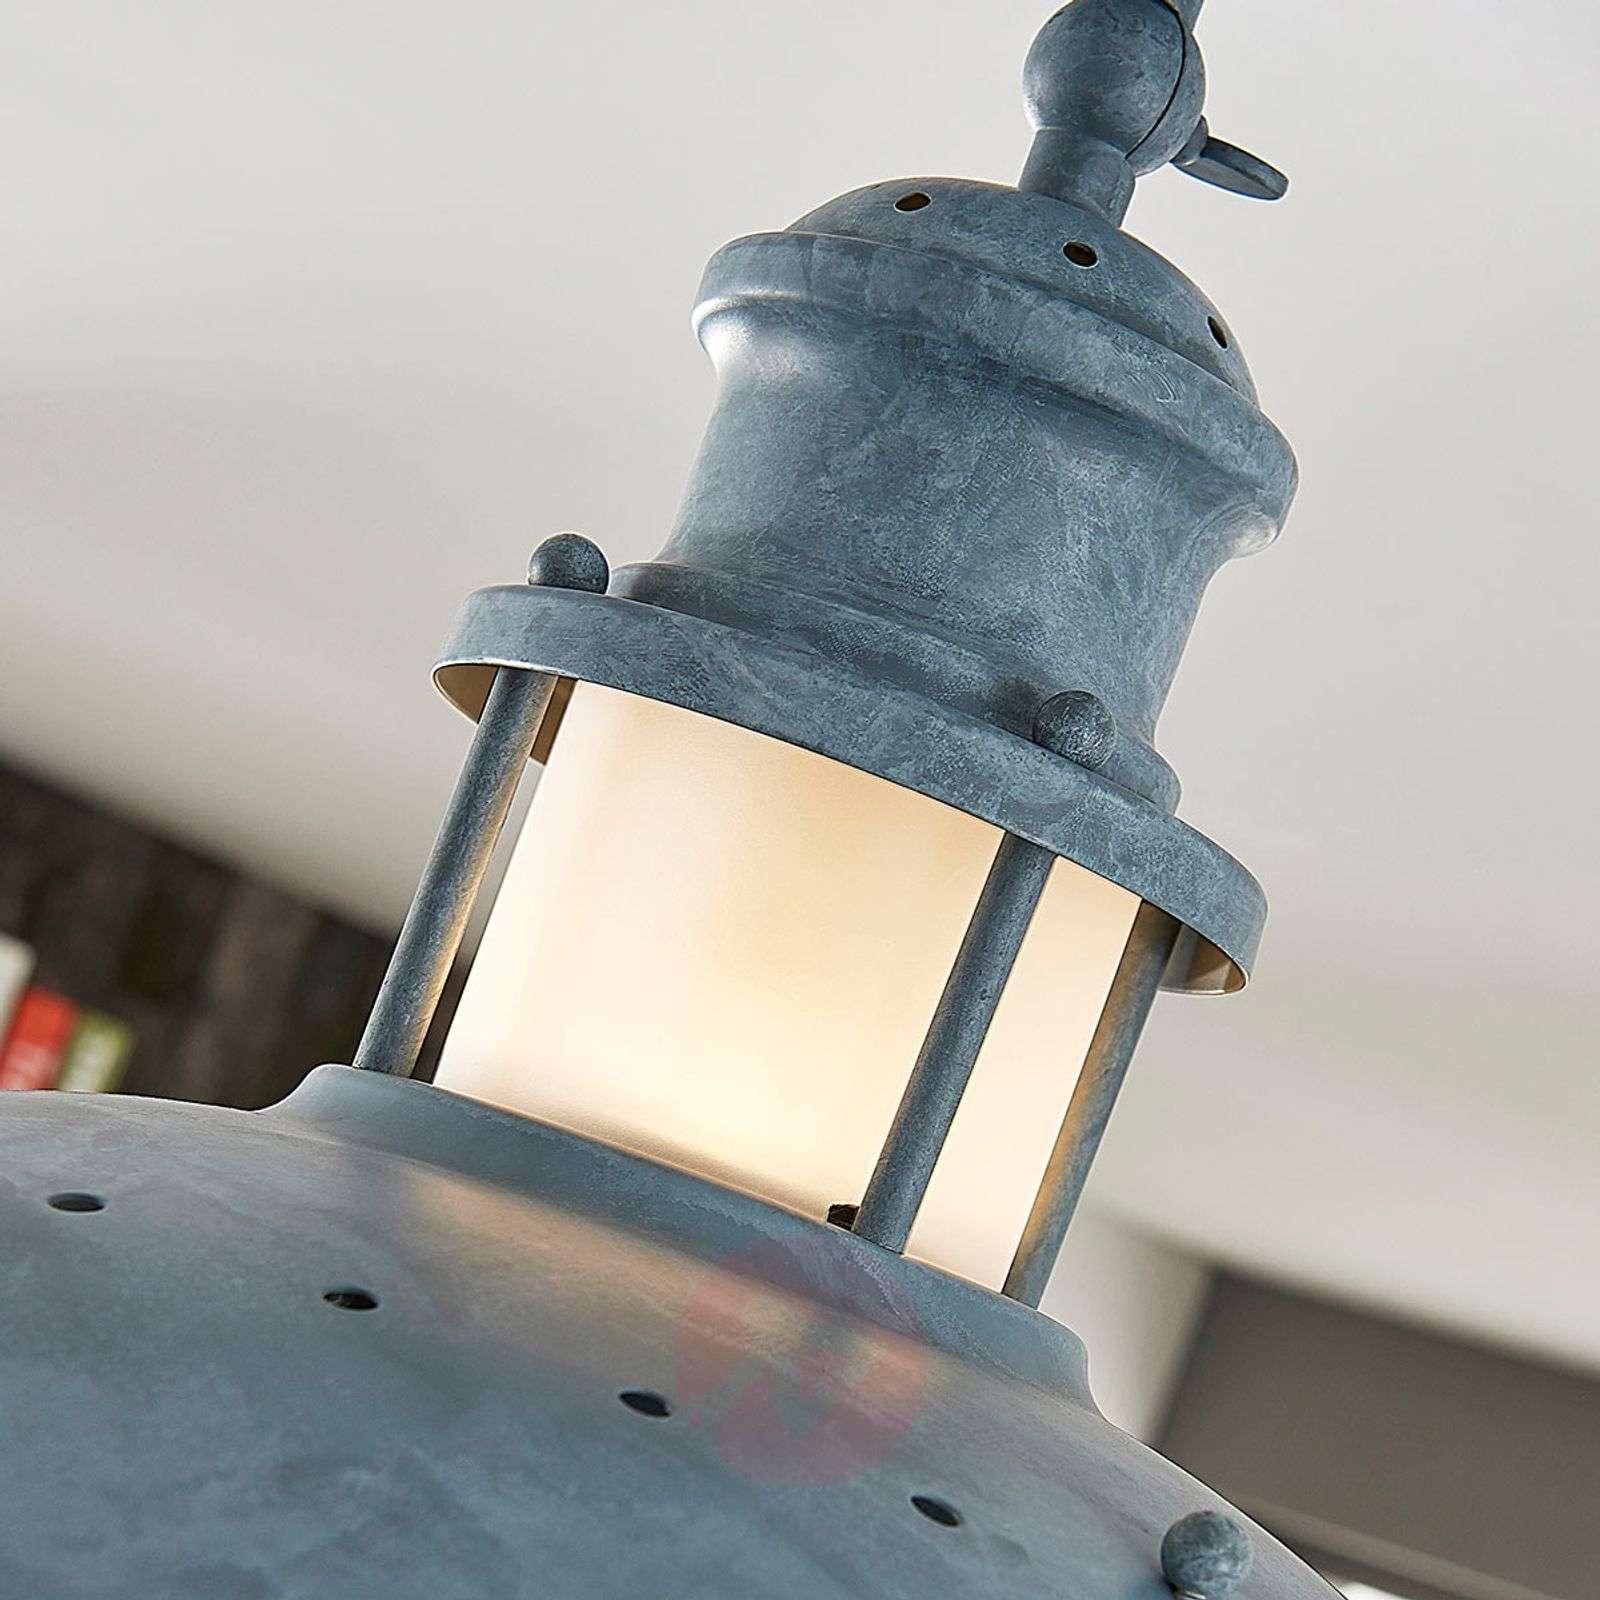 Concrete grey ceiling lamp Louisanne-9621438-02